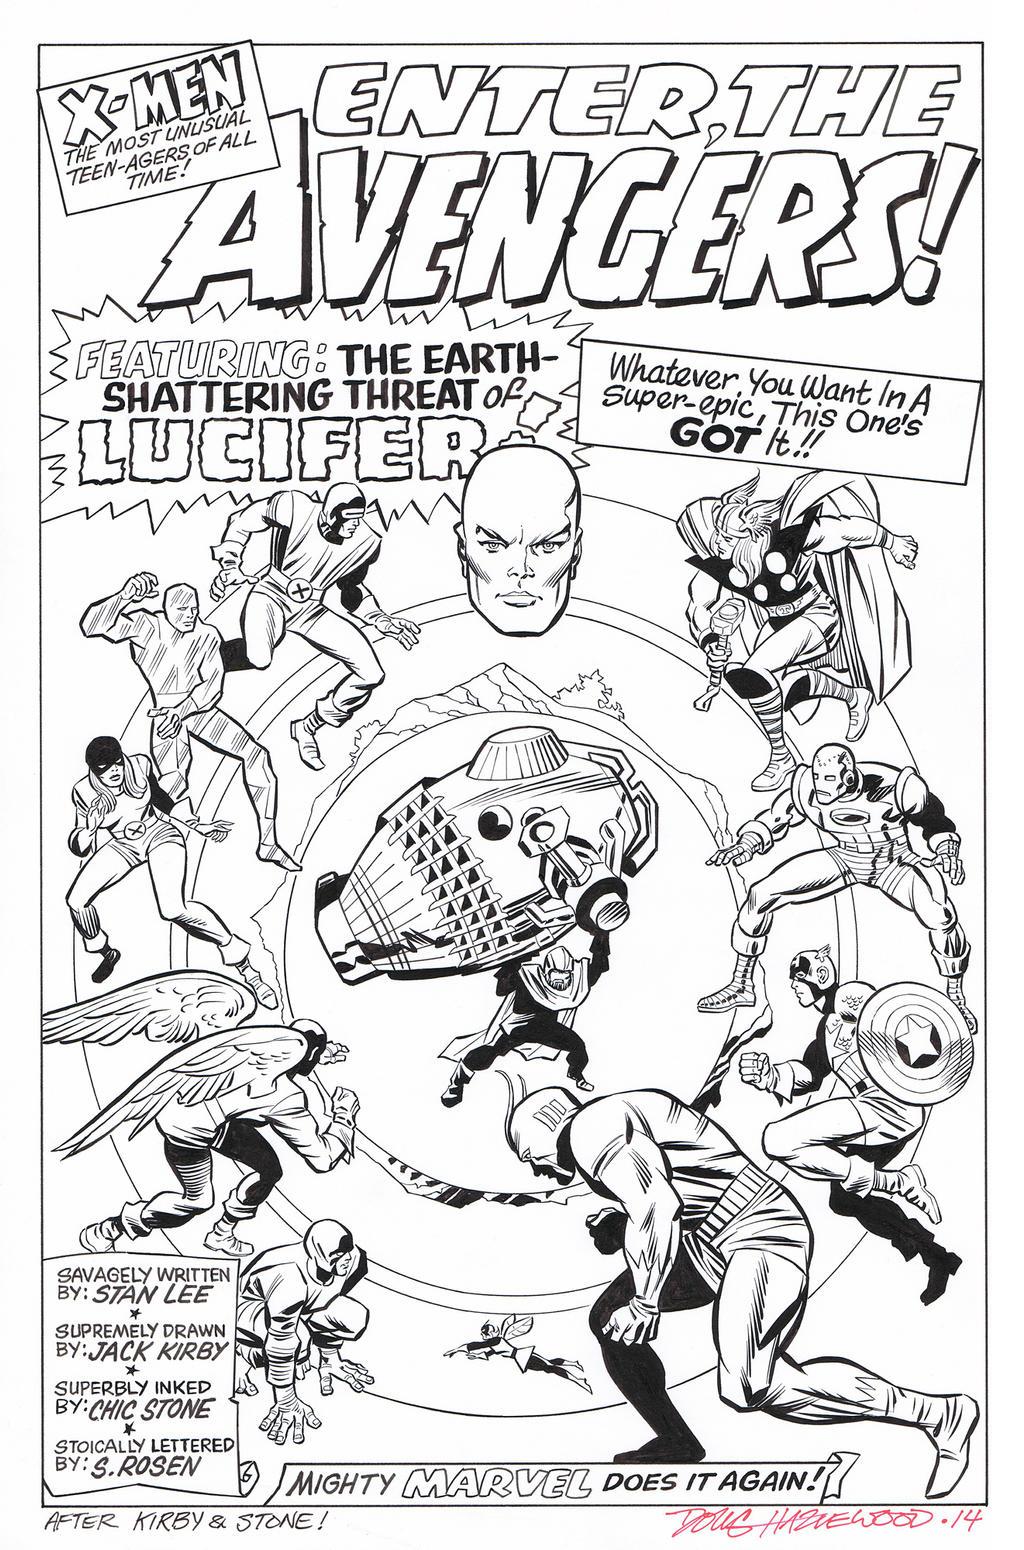 X-MEN #9 Title Splash RECREATION Hazlewood SOLD by DRHazlewood